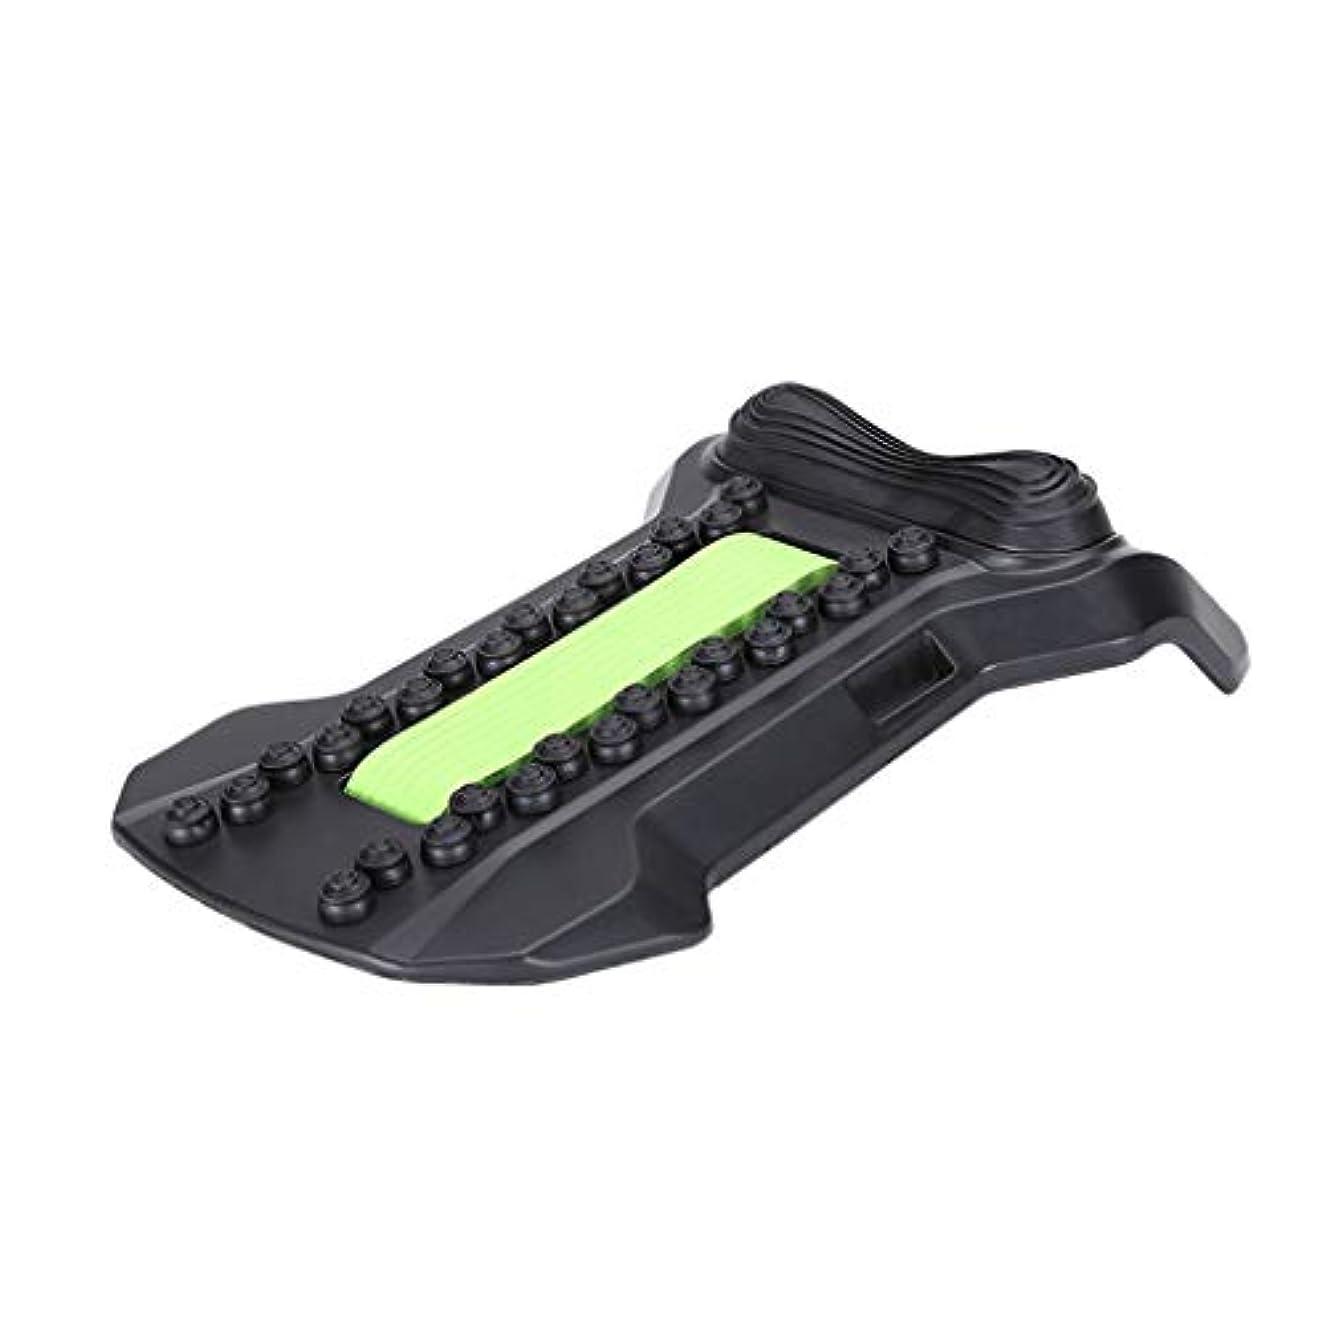 しみ区画フィラデルフィア背部マッサージャーの伸張装置、腰椎サポート弛緩の魔法の伸張器の適性の仲間の脊椎の痛みを和らげるカイロプラクター,Green